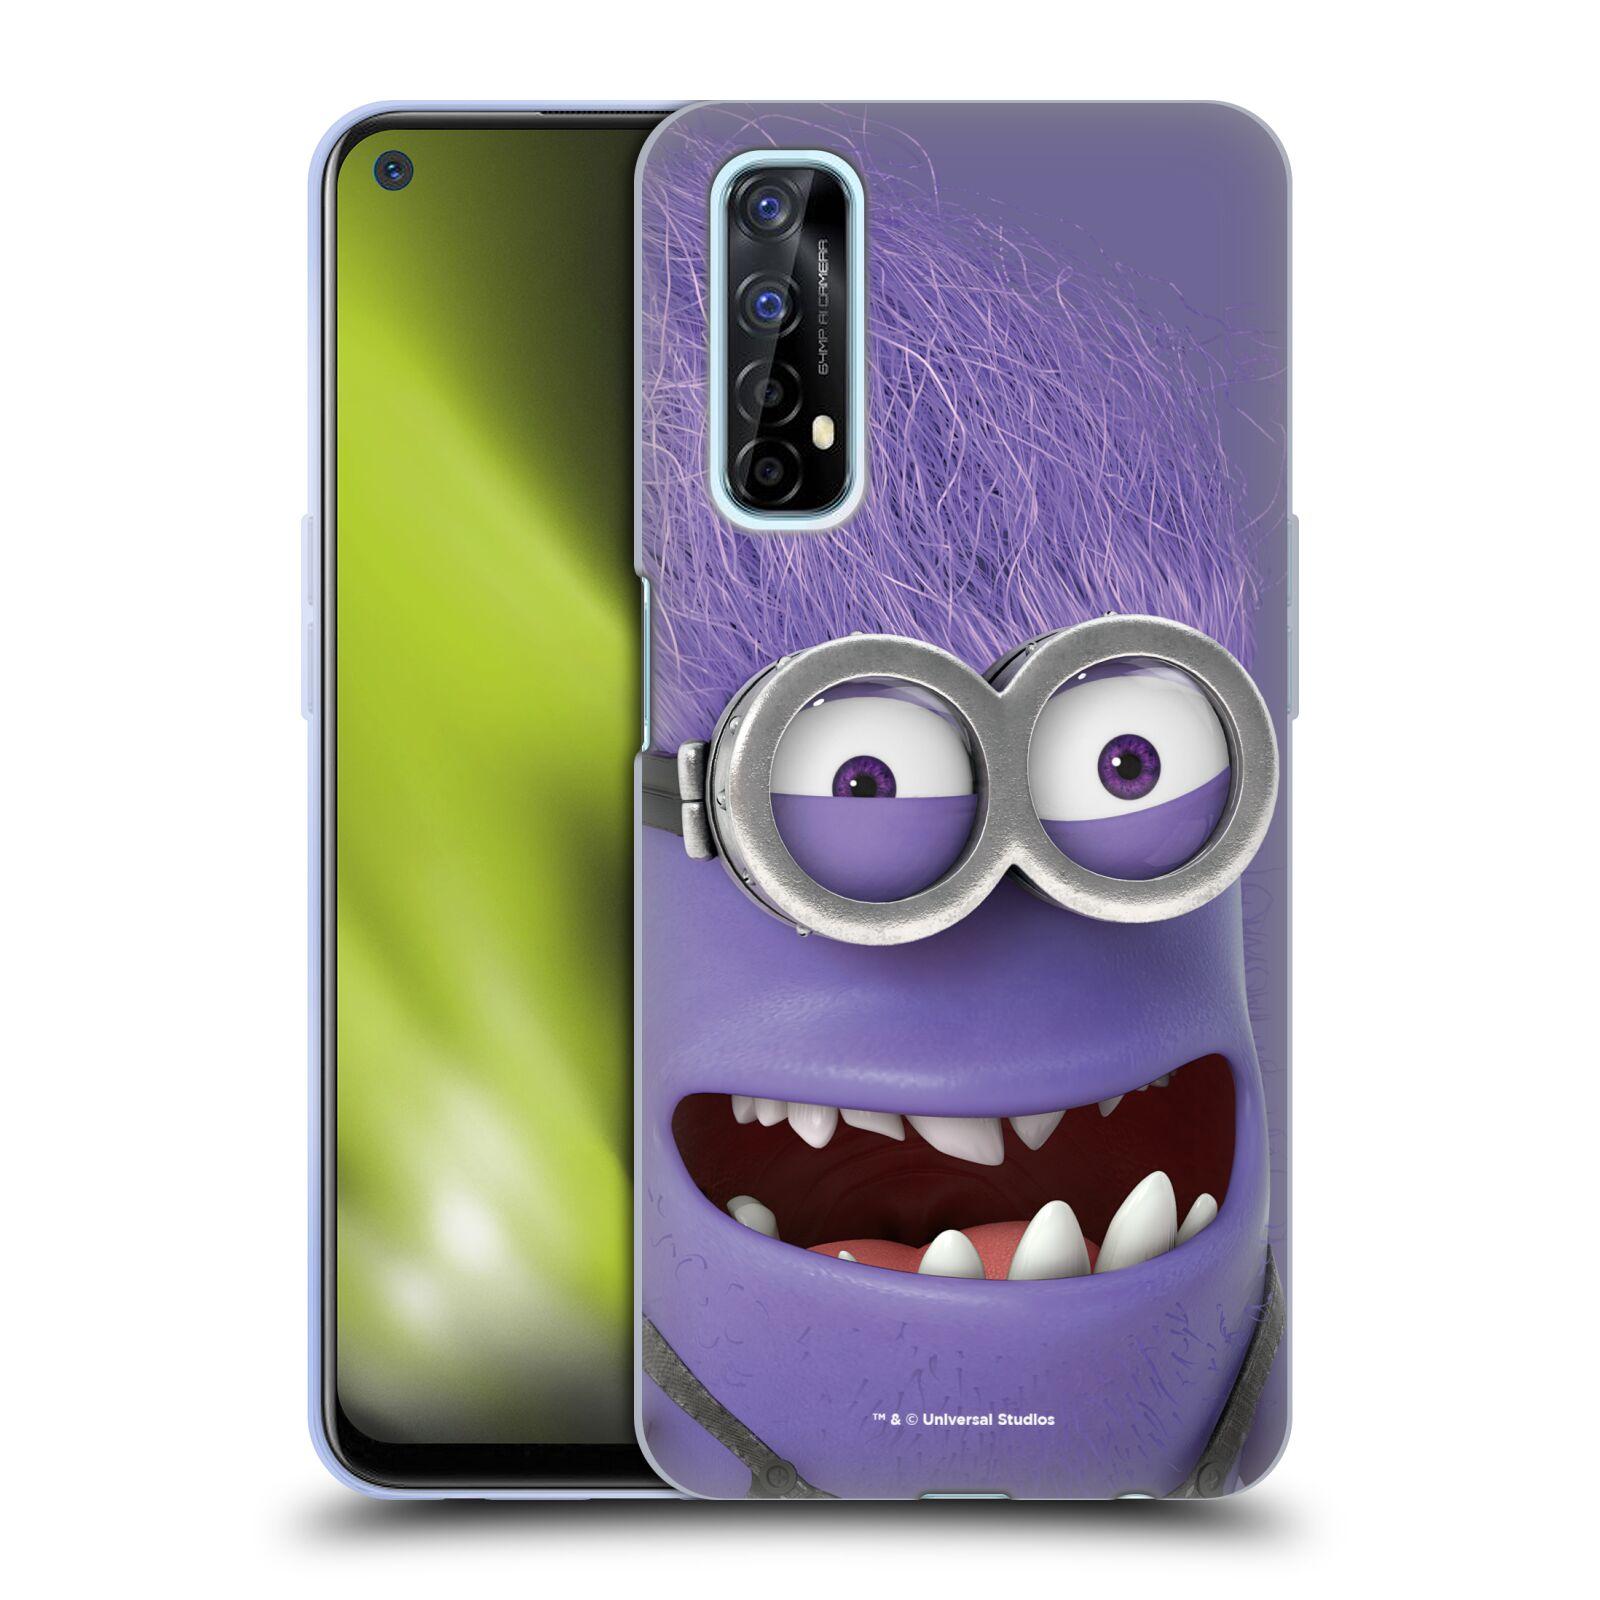 Silikonové pouzdro na mobil Realme 7 - Head Case - Zlý Mimoň z filmu Já, padouch - Despicable Me